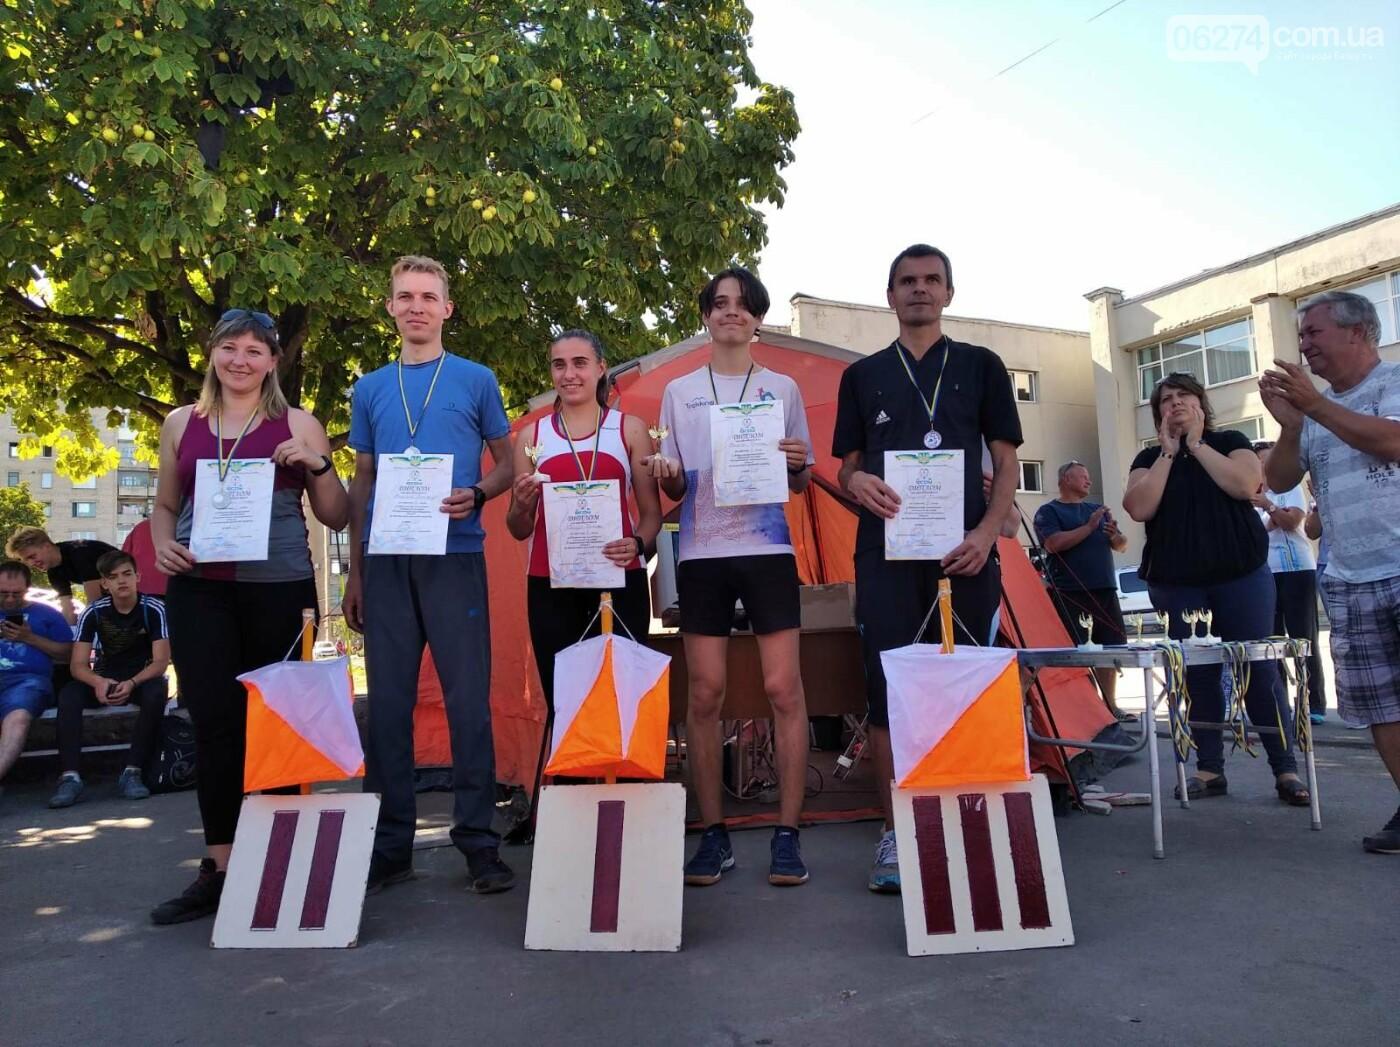 В Дружковке состоялся открытый чемпионат по спортивному ориентированию на дистанциях городского спринта, фото-4